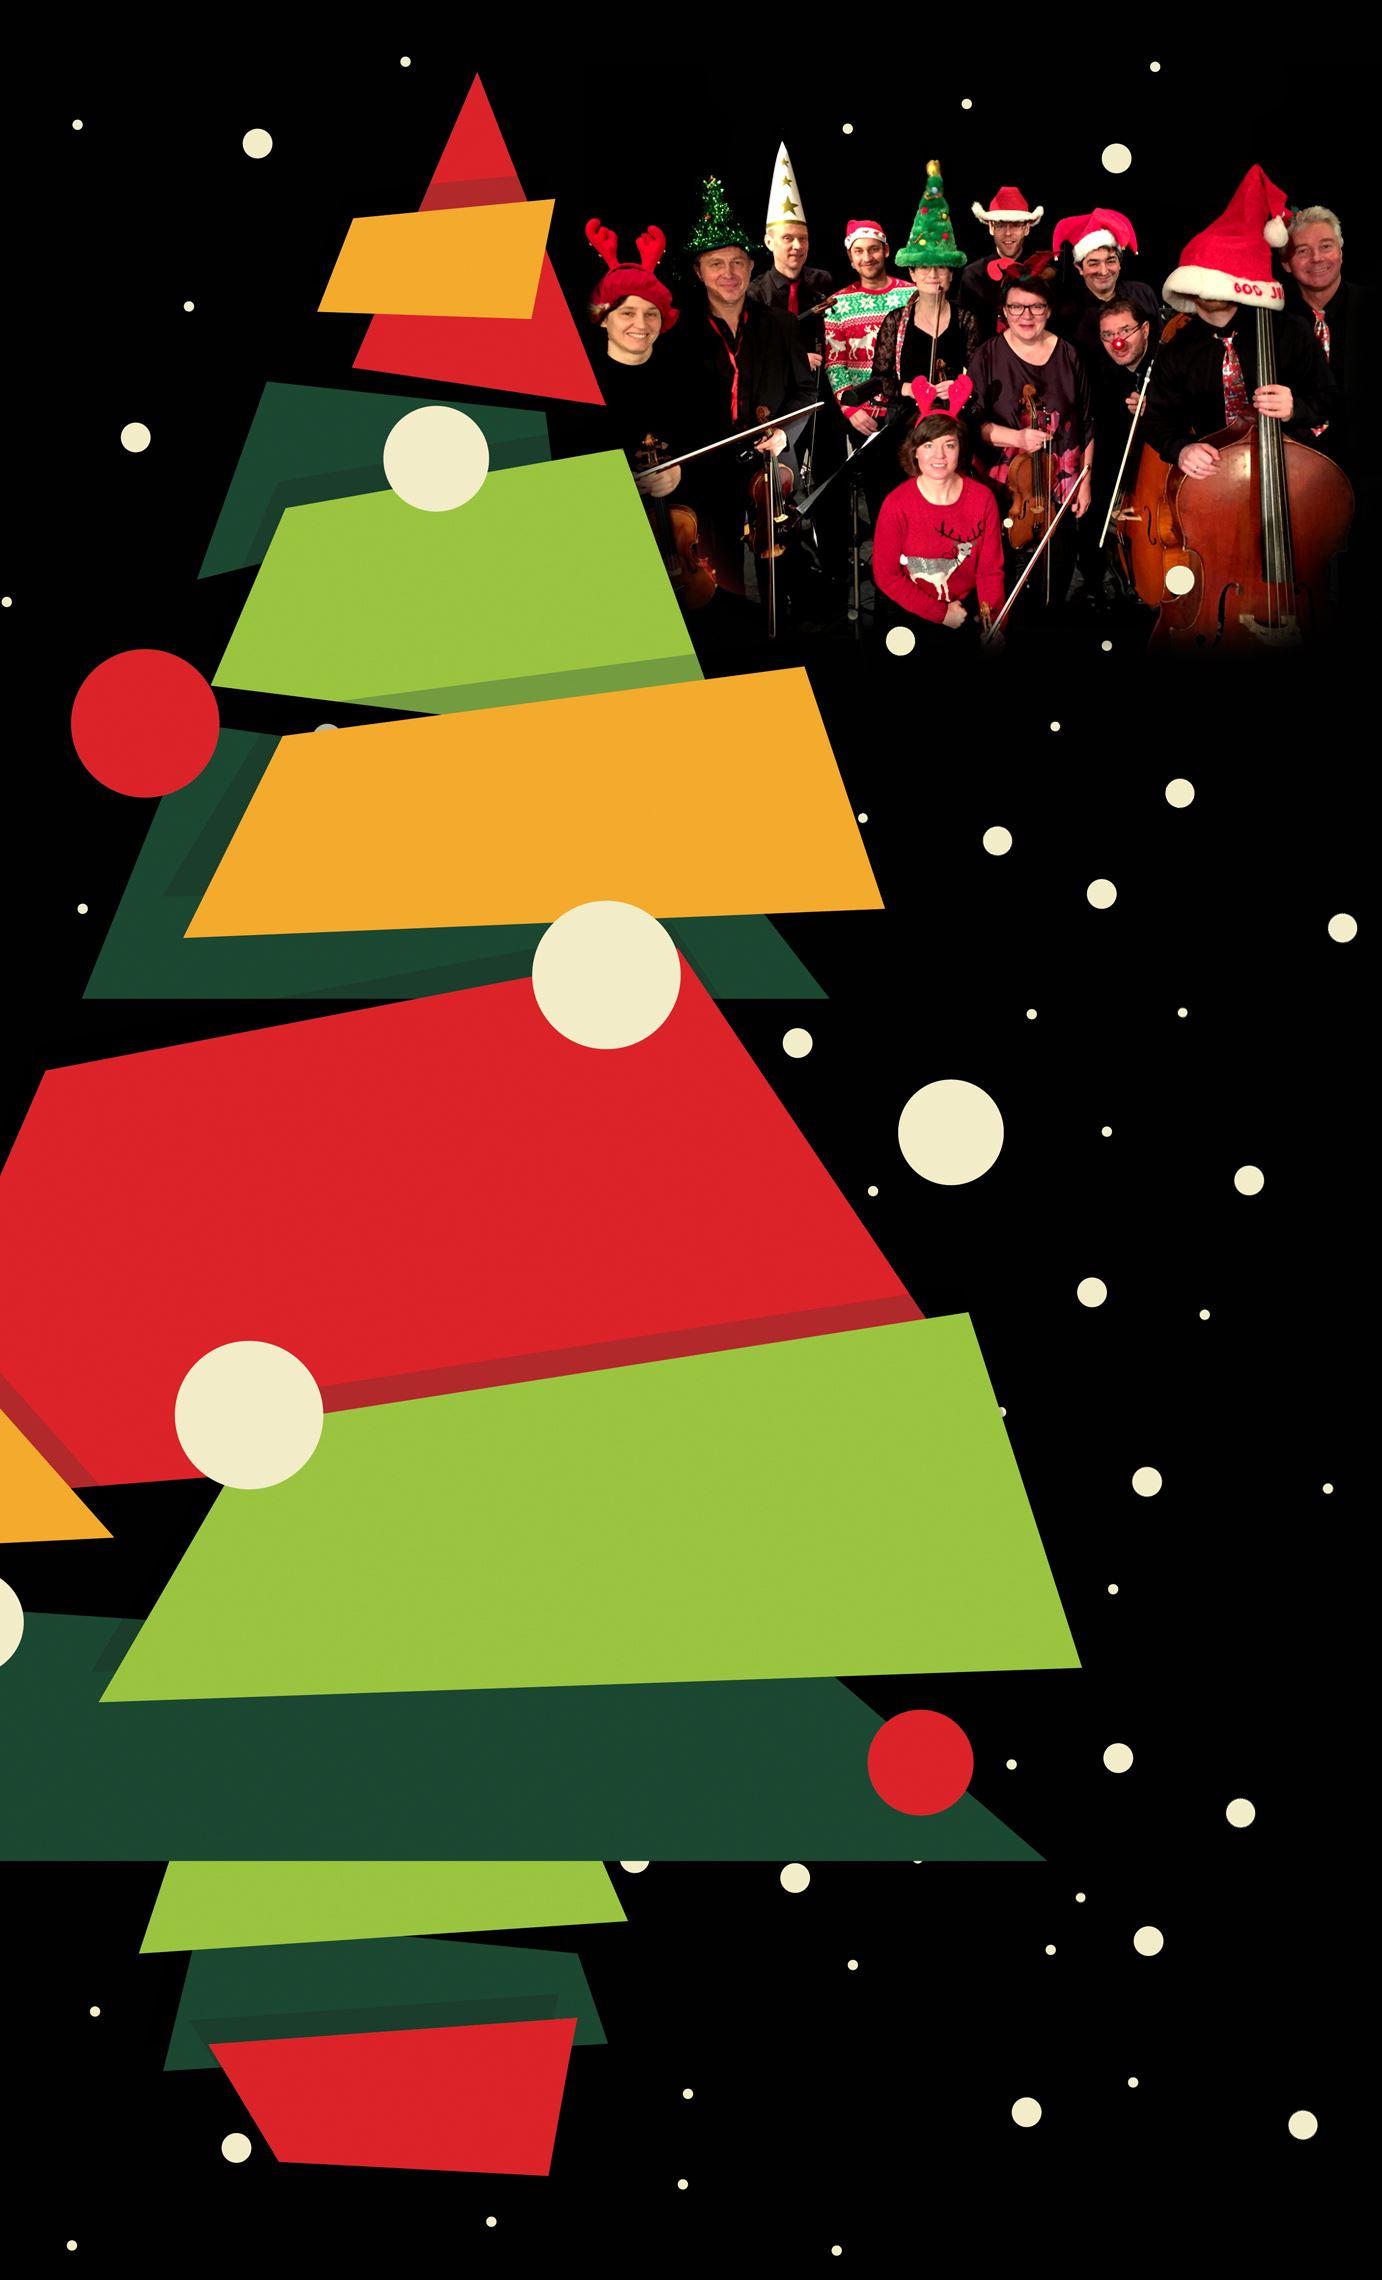 Barn: Halli Hallå - Jul med Musica Vitae och Olle - Familjekonsert